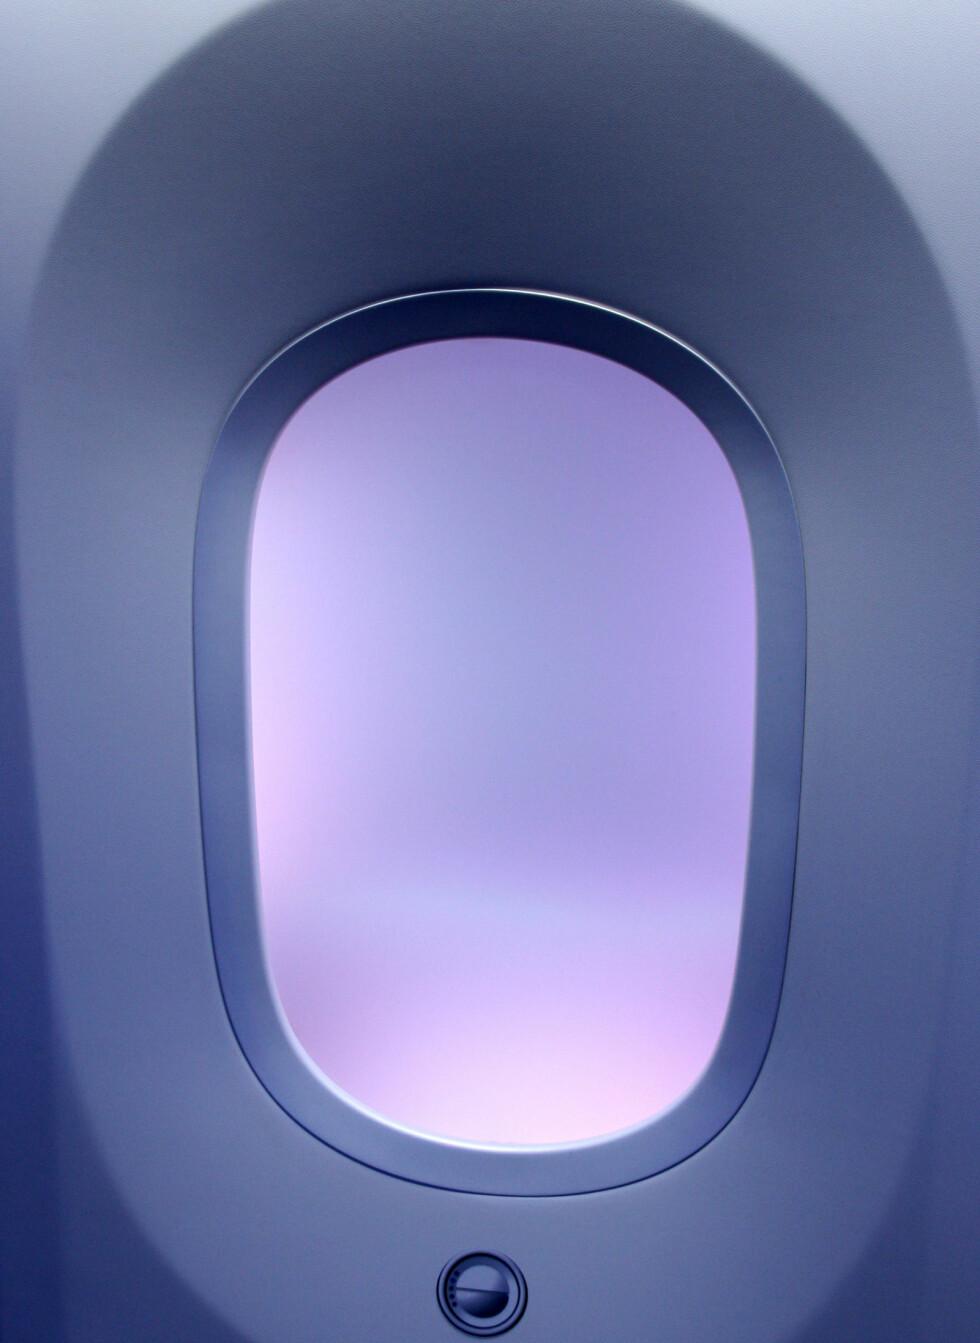 Vinduene er betydelig større enn på vanlige Beoing-fly. De er også plassert hlyere opp enn normalt, slik at flere passasjerer skal få muligheten til å kikke ut. Legg merke til dimmerknappen under vinduet. Foto: Kim Jansson